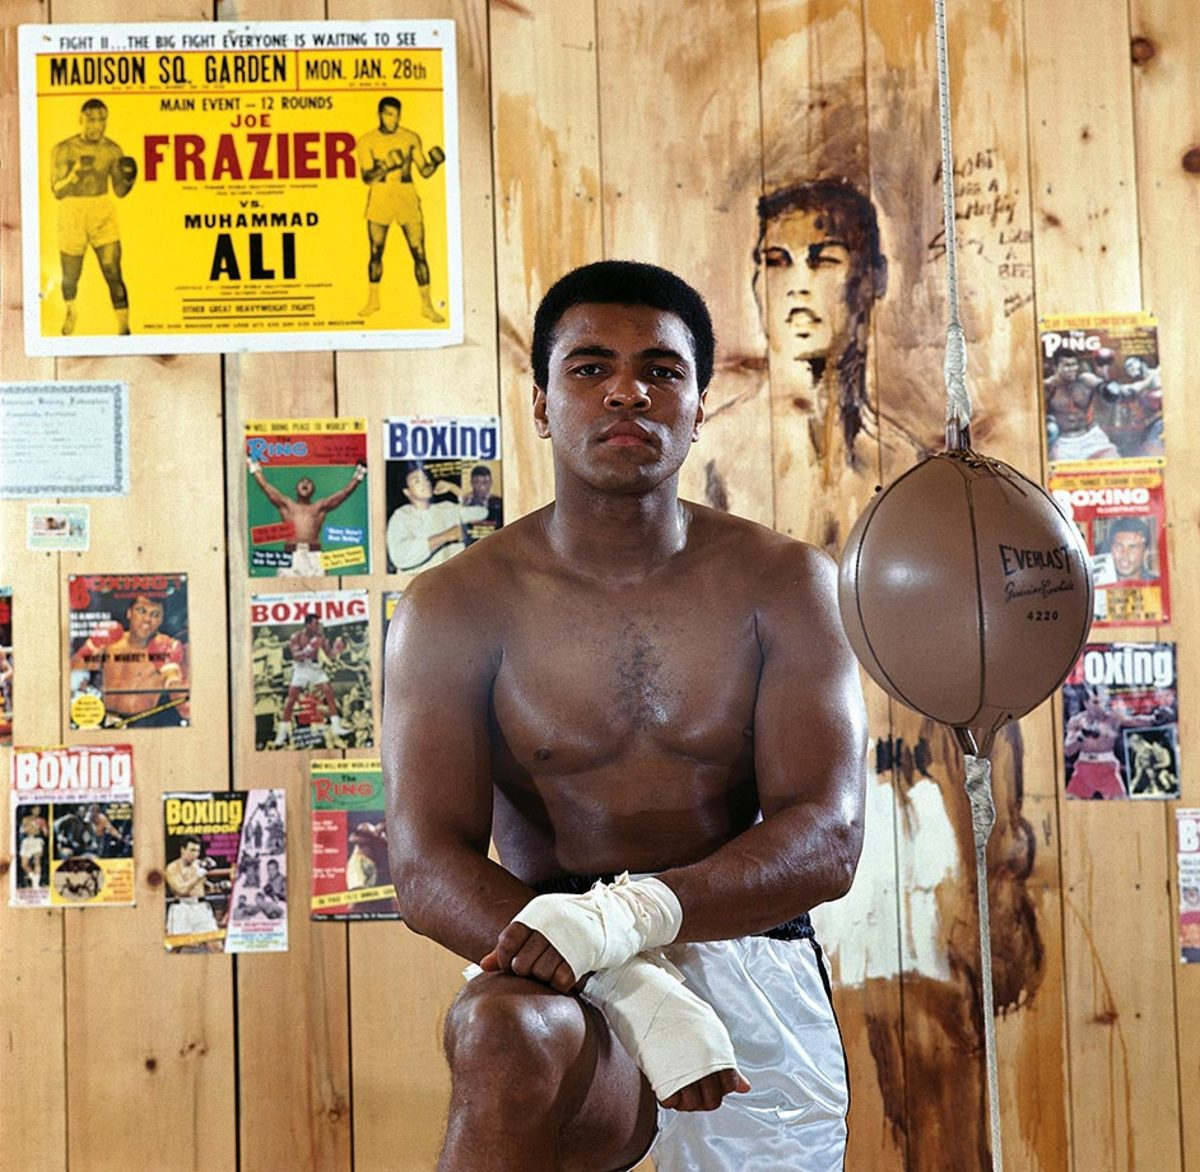 1974-Muhammad-Ali-079008578.jpg